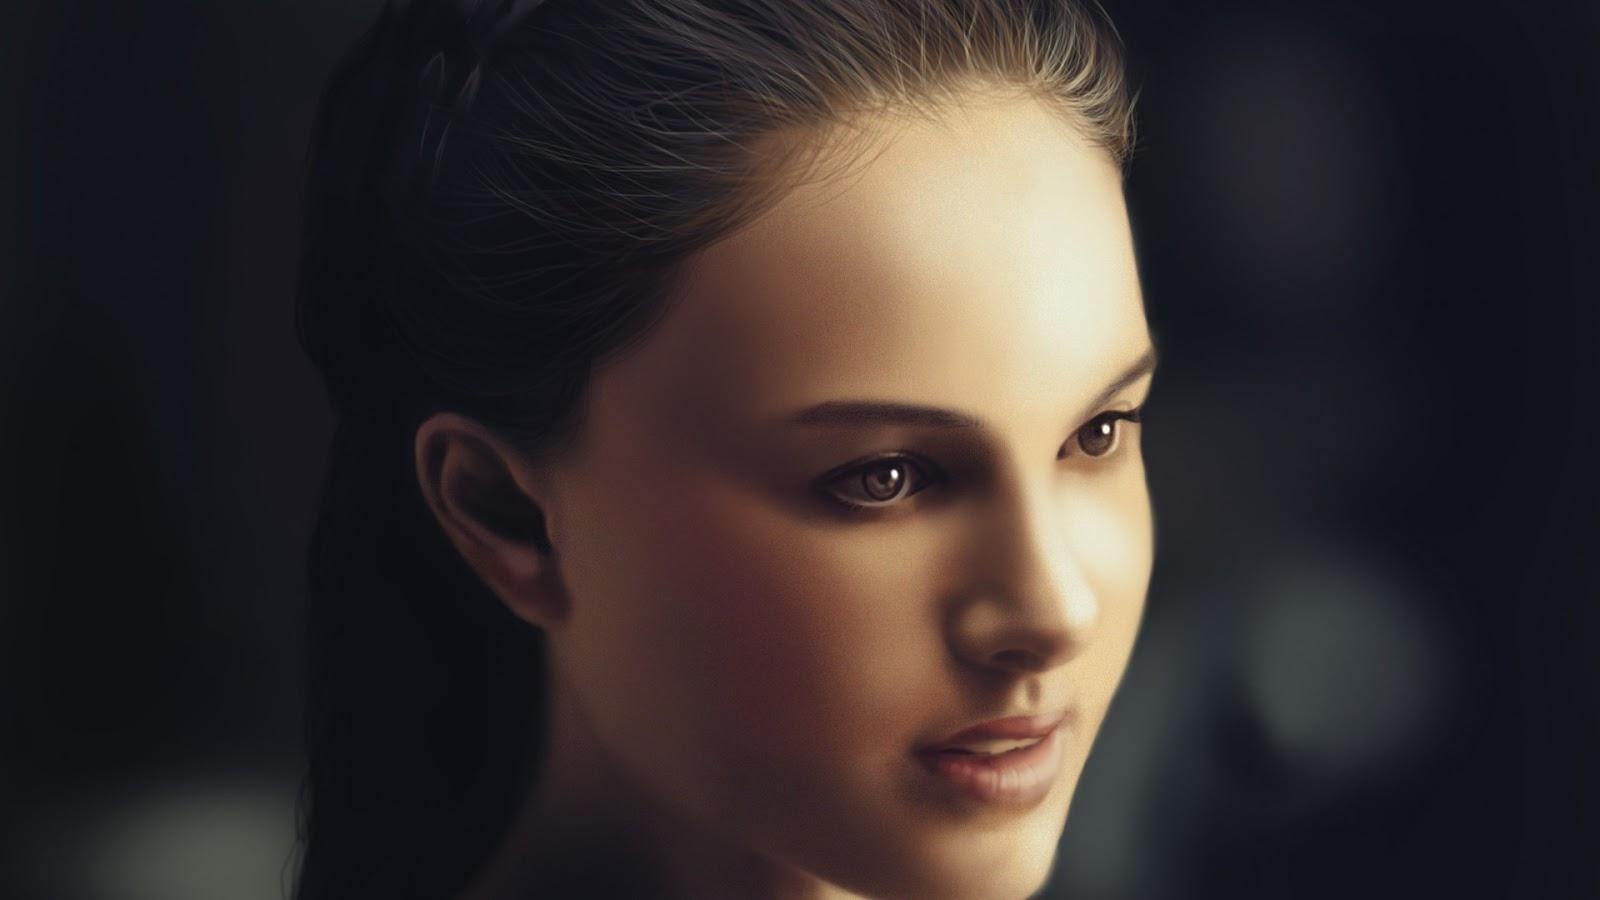 Natalie Portman Hot Pics